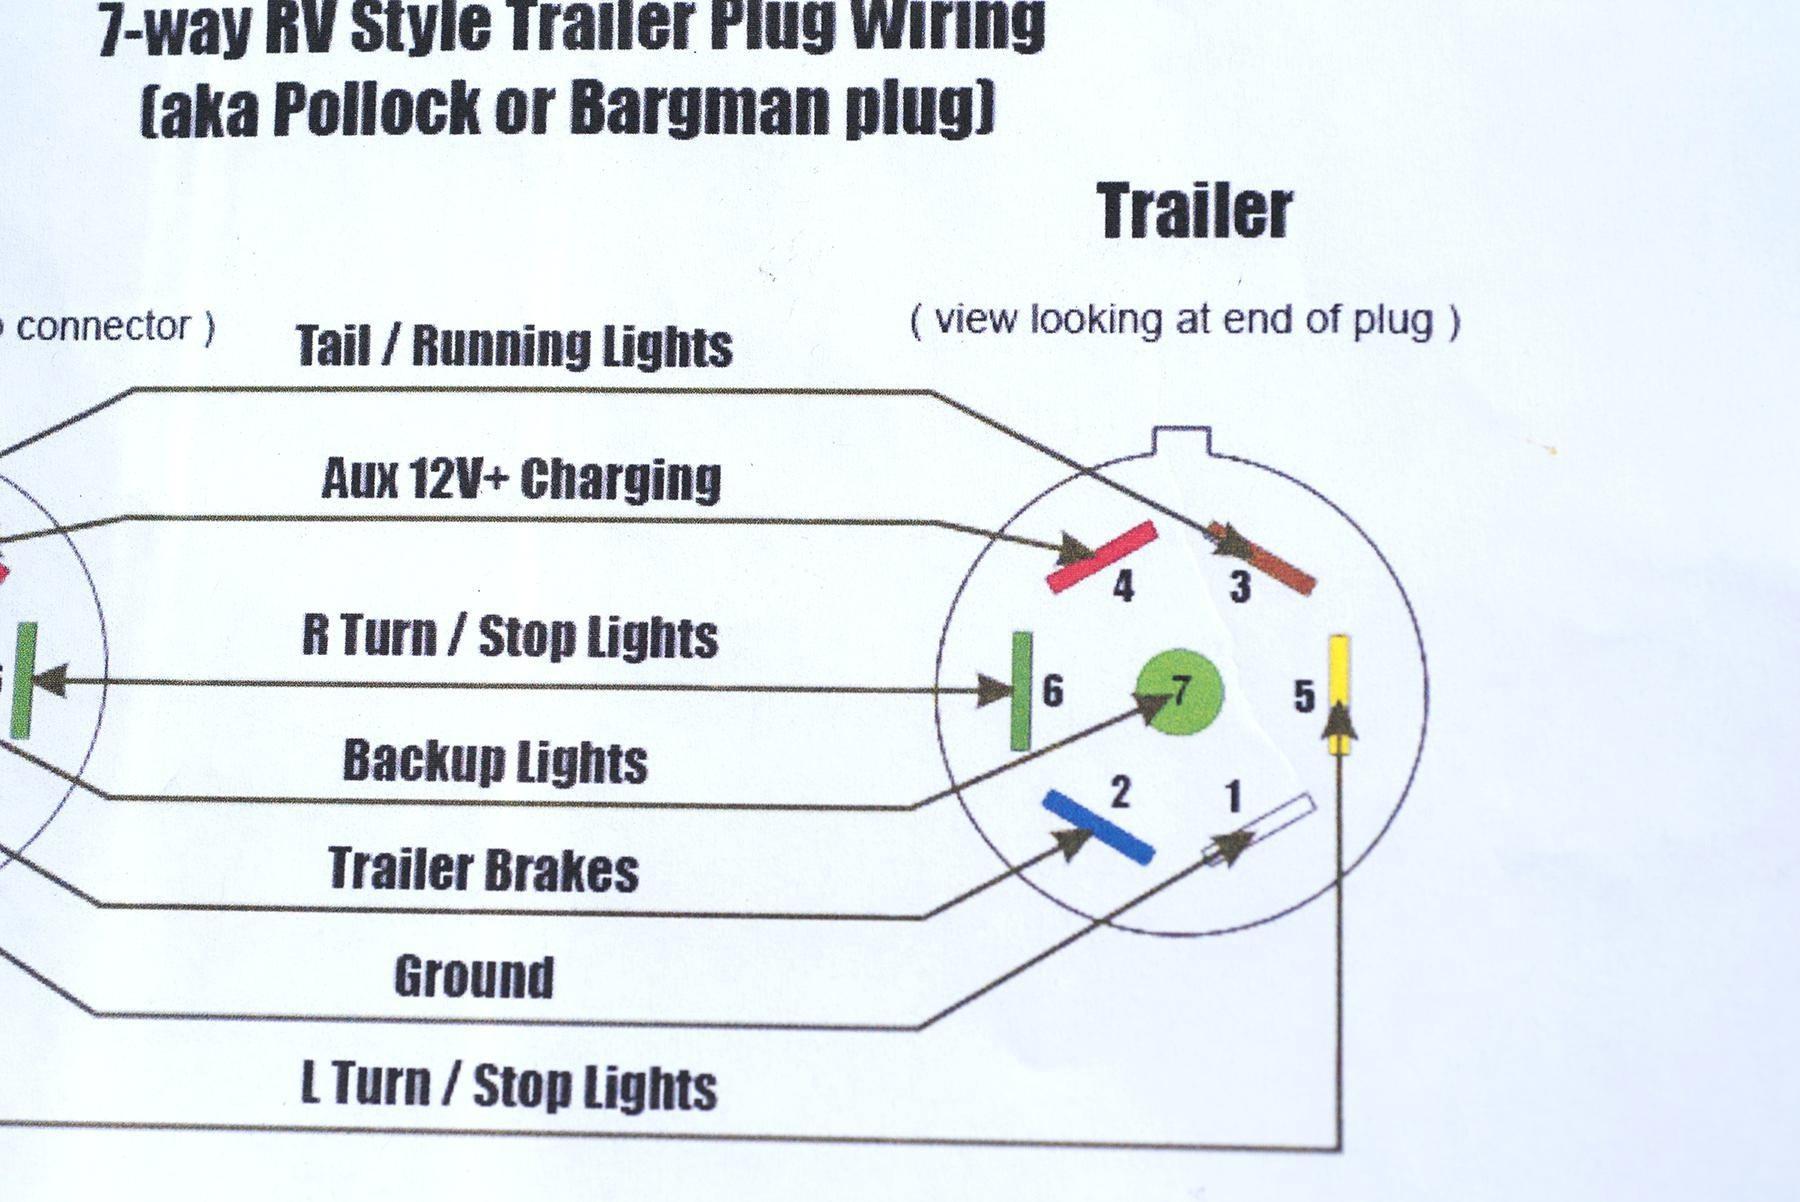 6 Pin Trailer Wiring Code - Data Wiring Diagram Today - 6 Way Trailer Wiring Diagram